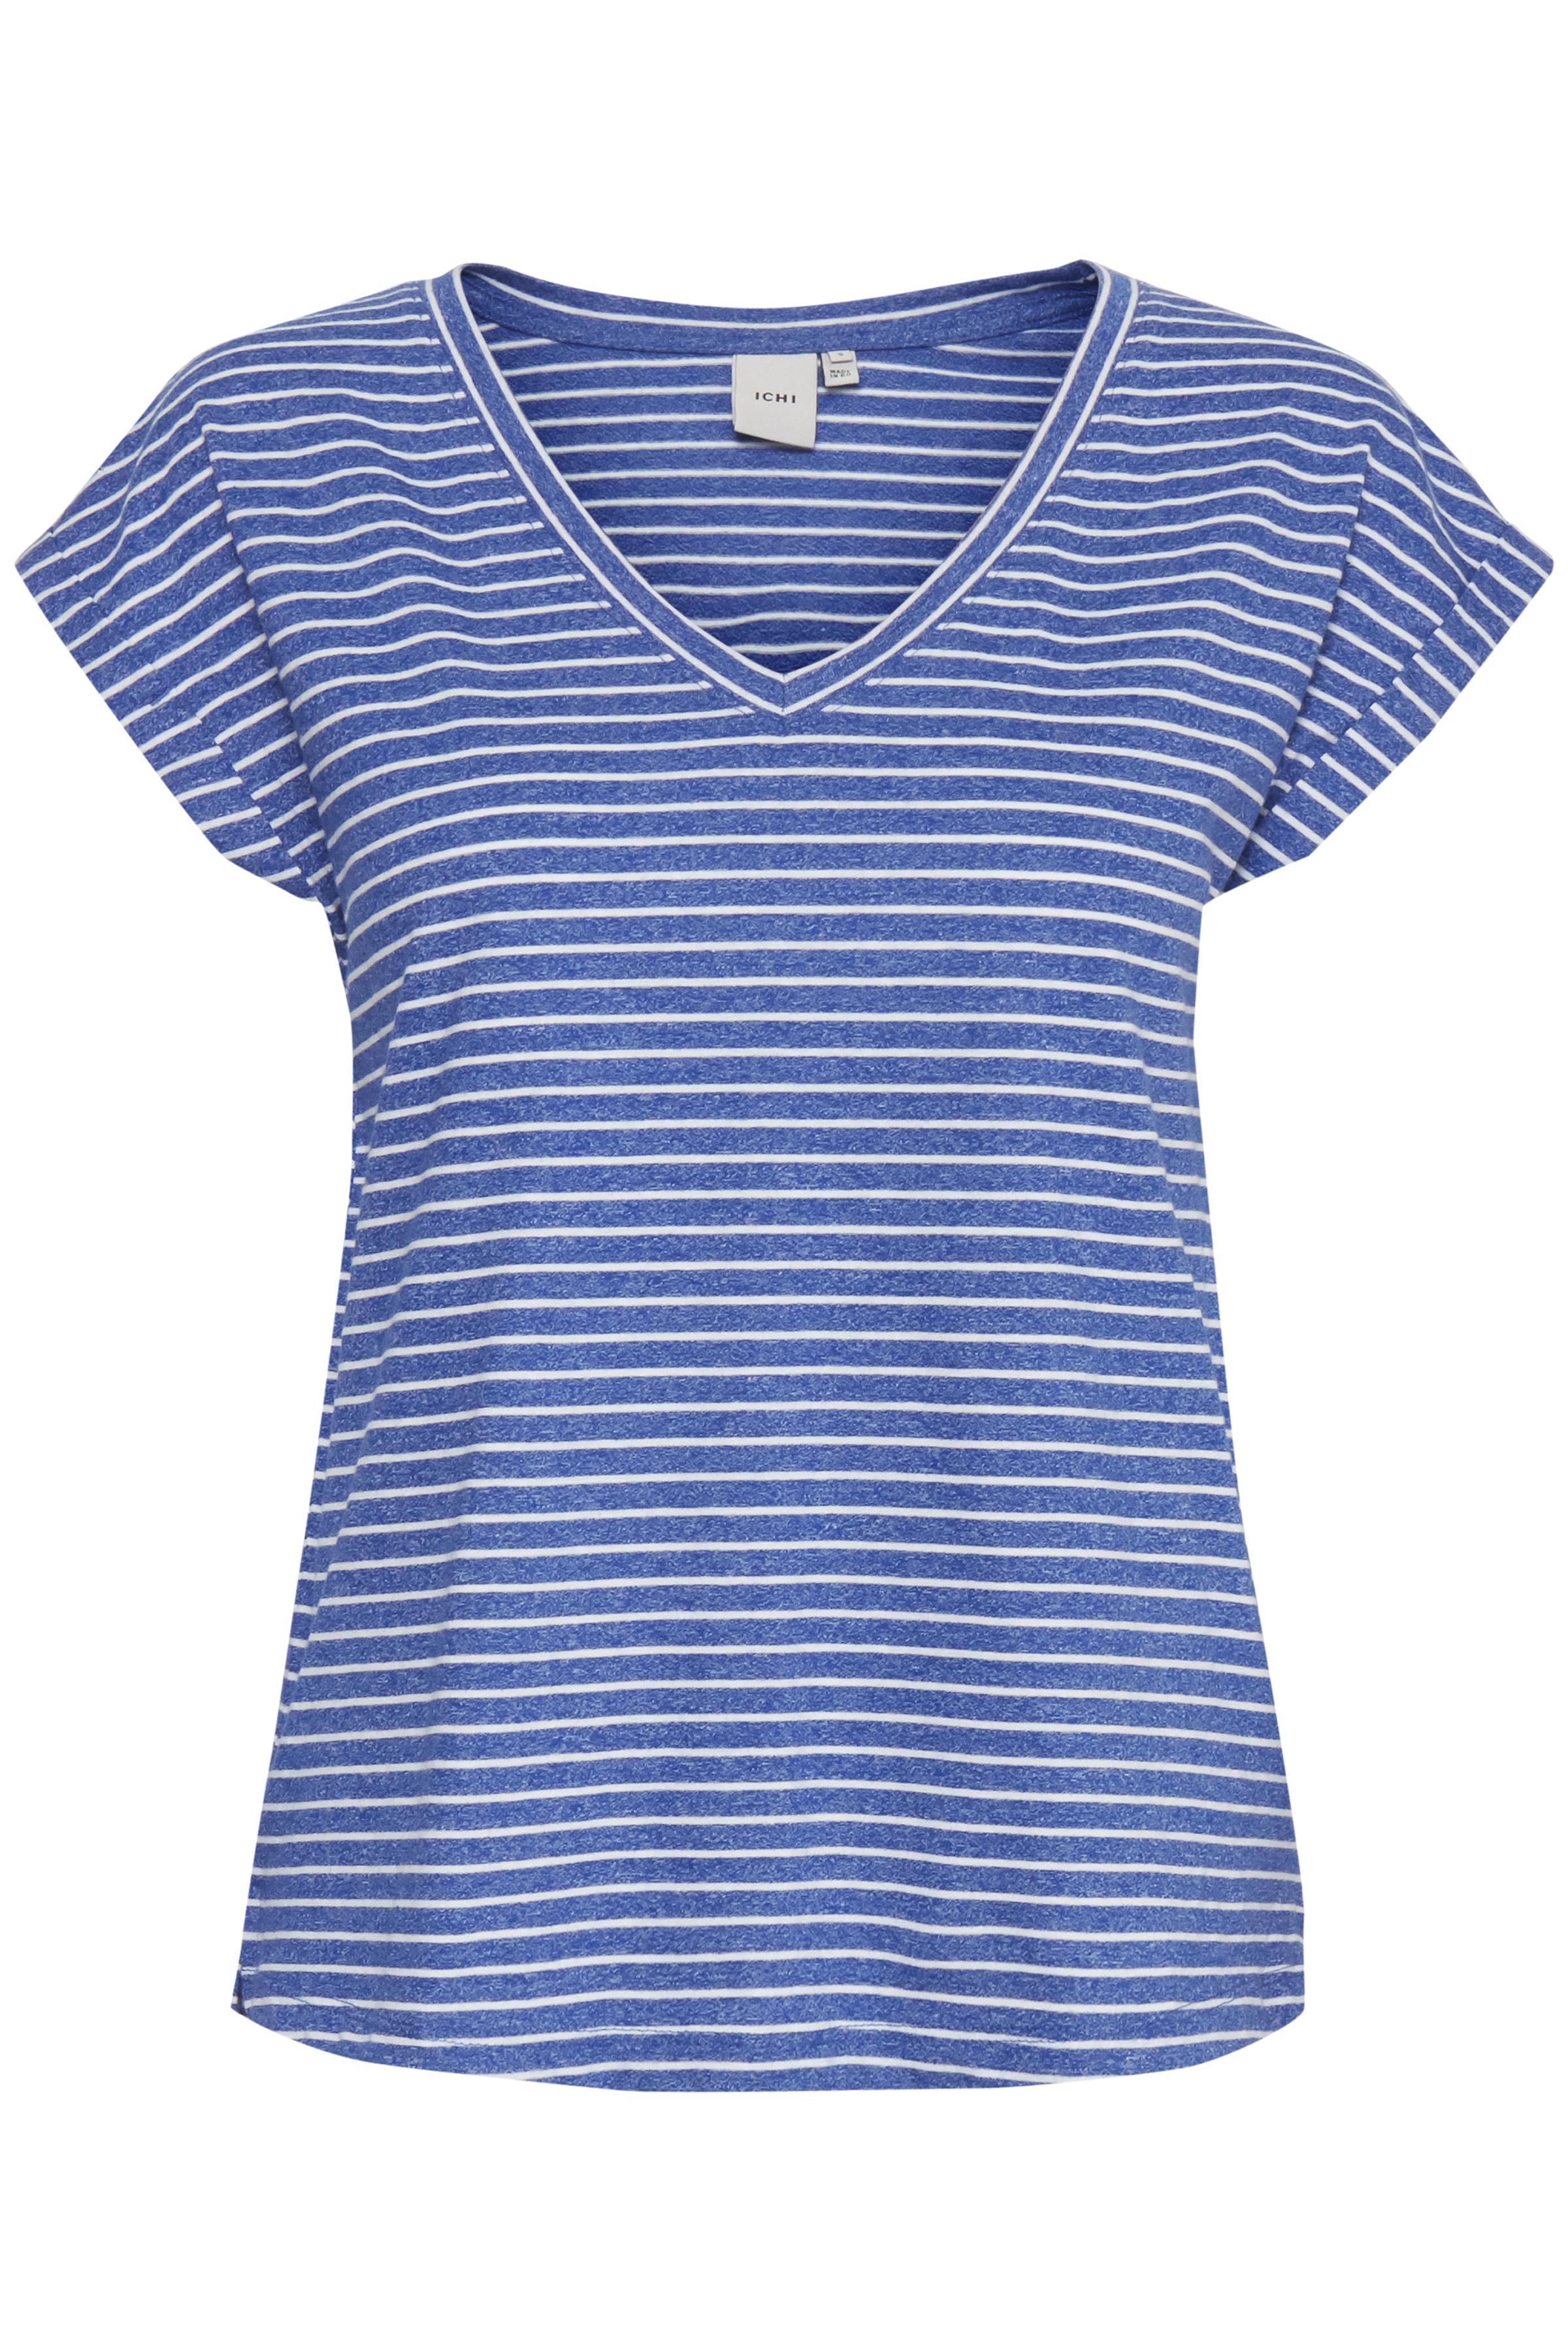 Small Stripe Mazarine Blue T-shirt – Køb Small Stripe Mazarine Blue T-shirt fra str. S-XL her